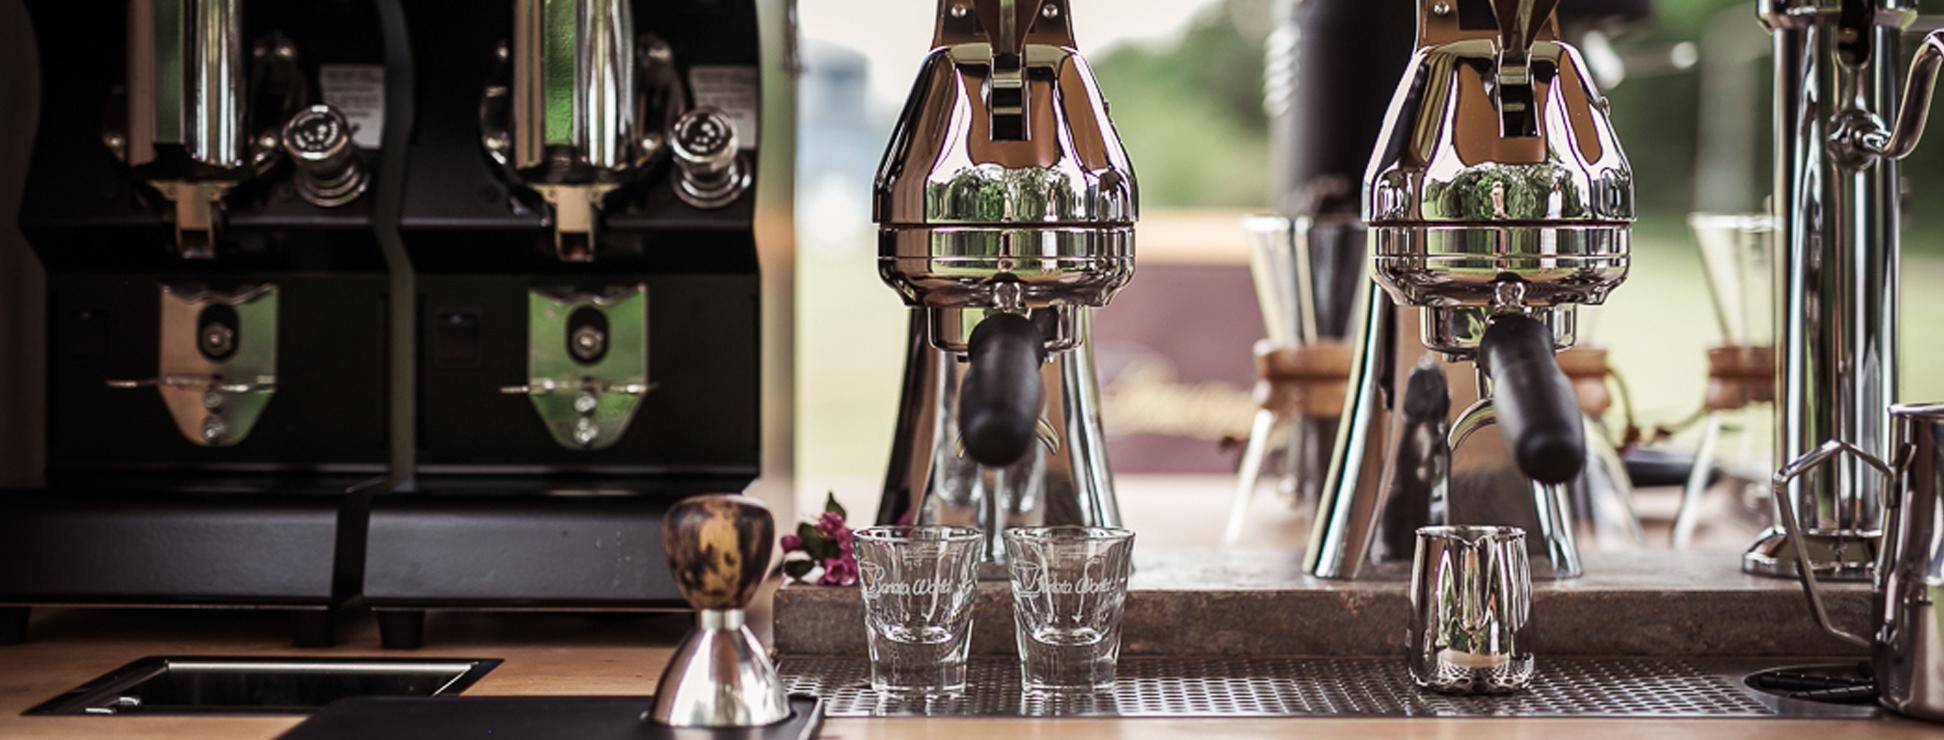 Das Kaffee TukTuk von Barista World